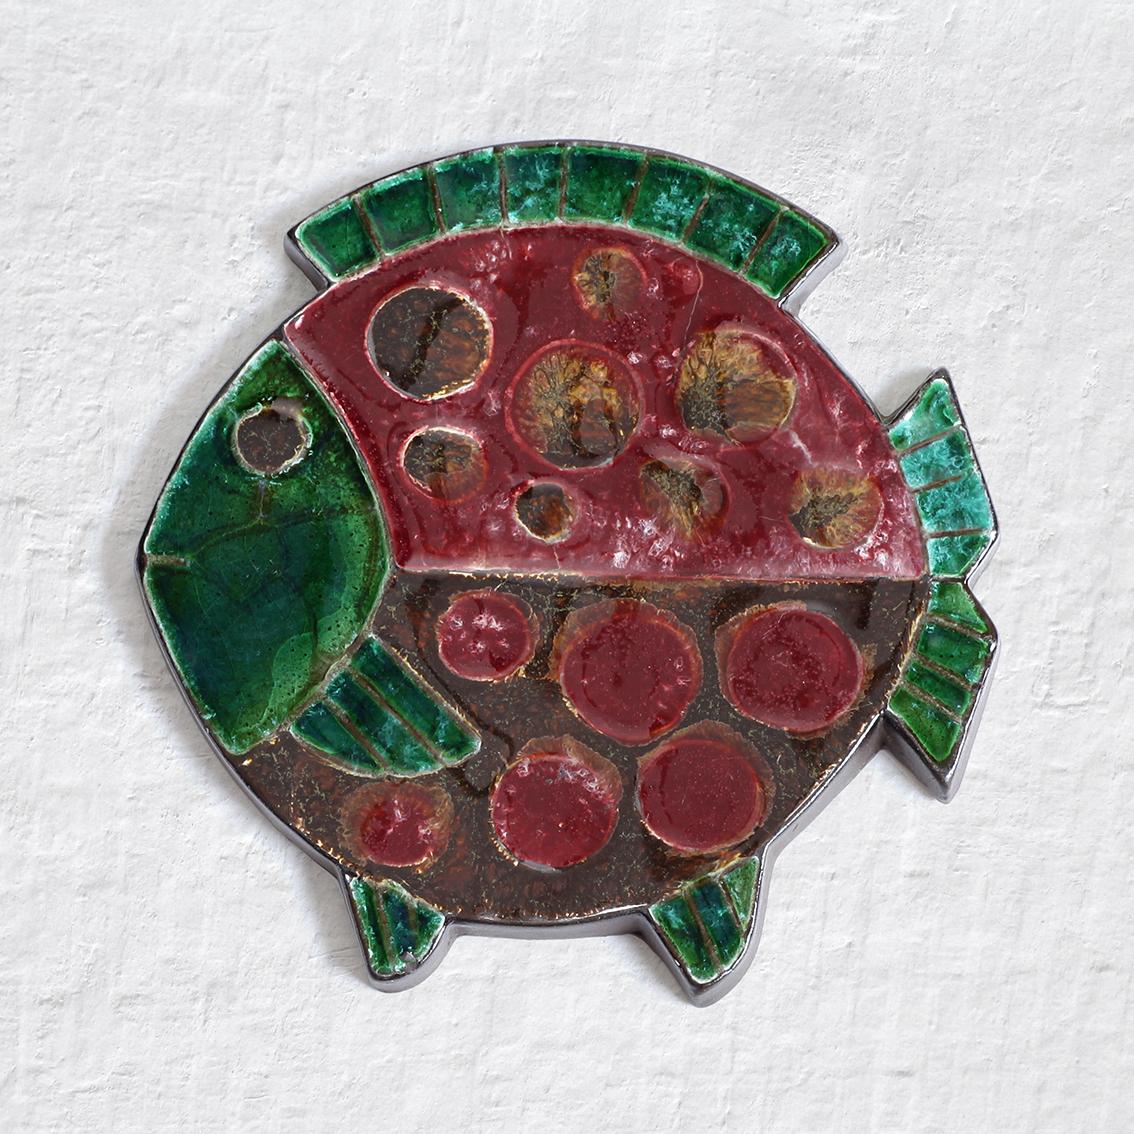 Kupittaan Savi クピッターン サヴィ 魚の形の陶板 北欧ヴィンテージ